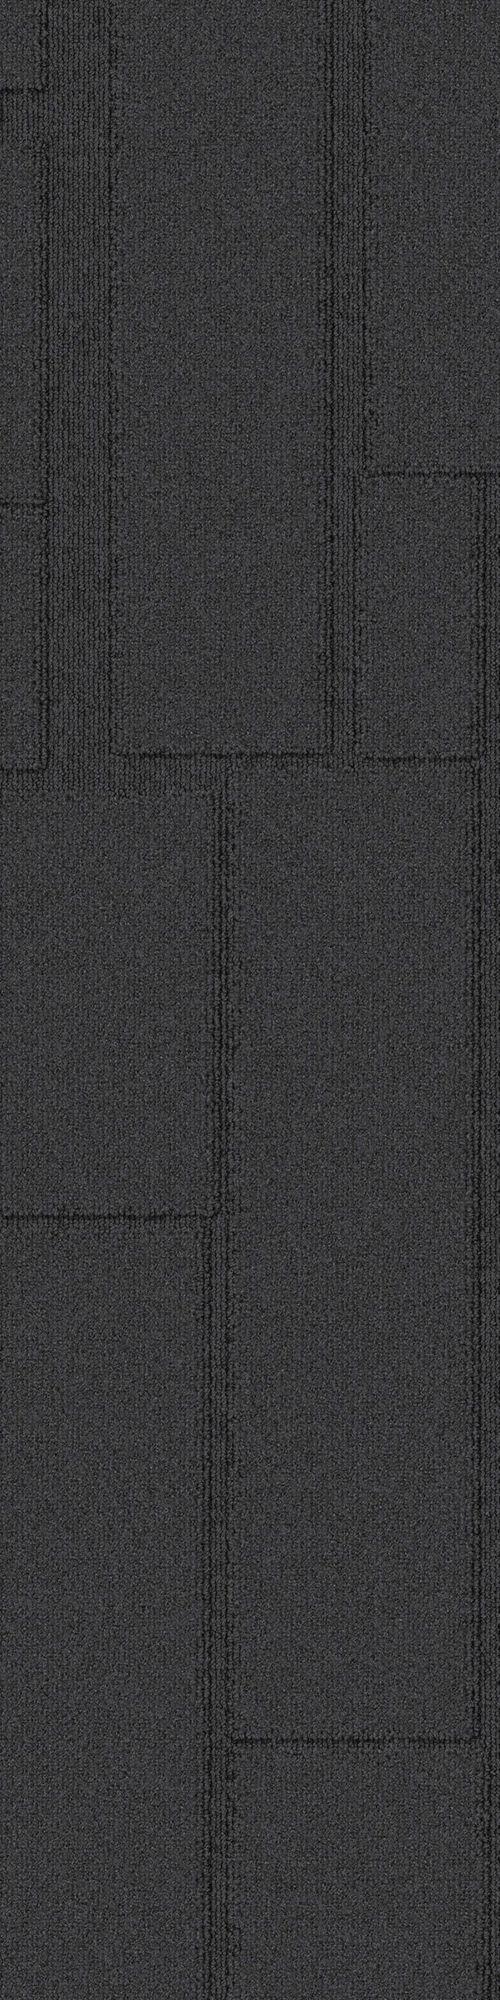 Interface carpet tile em553 color name union blvd variant 6 interface carpet tile color name union blvd baanklon Gallery